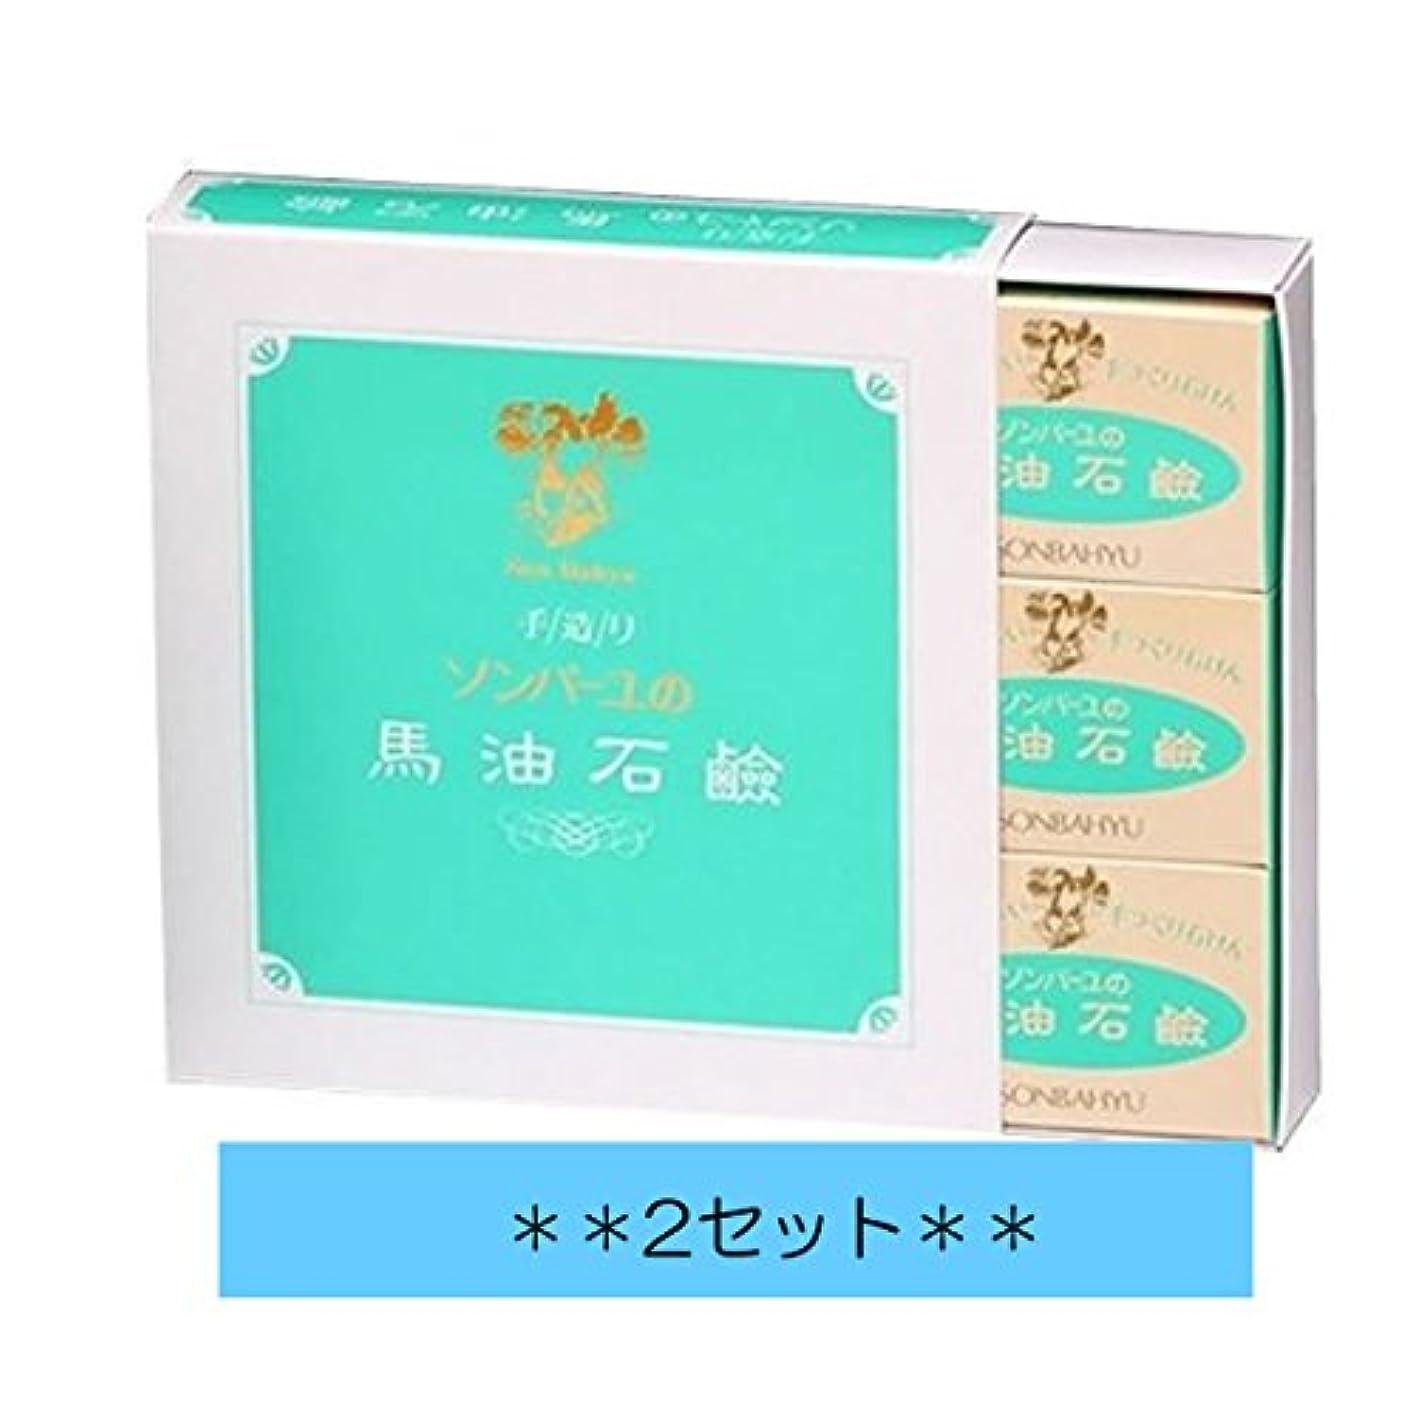 酔う分析する生産性【2箱セット】ソンバーユ石鹸 85g×6個